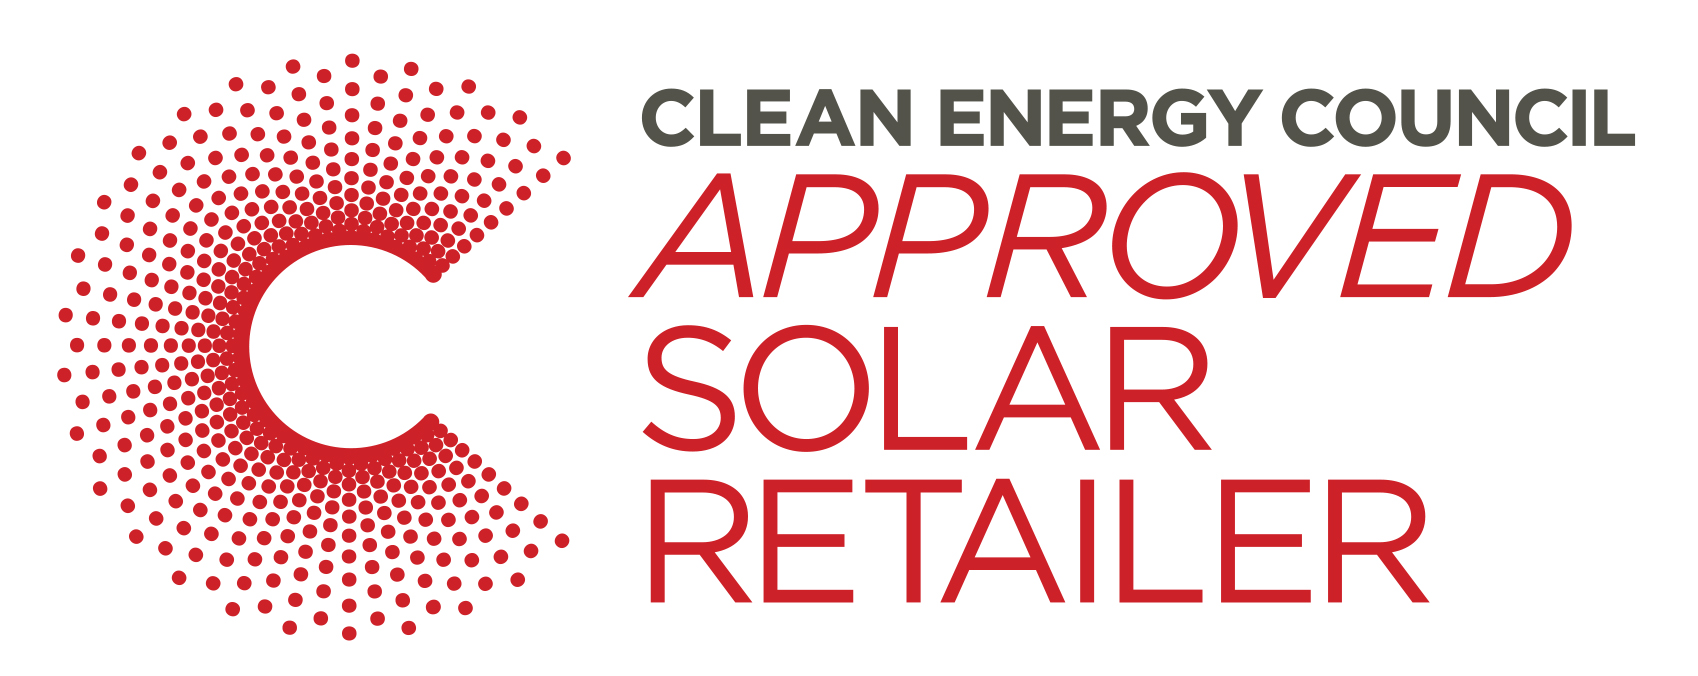 CEC-Approved-Solar-Retailer-logo